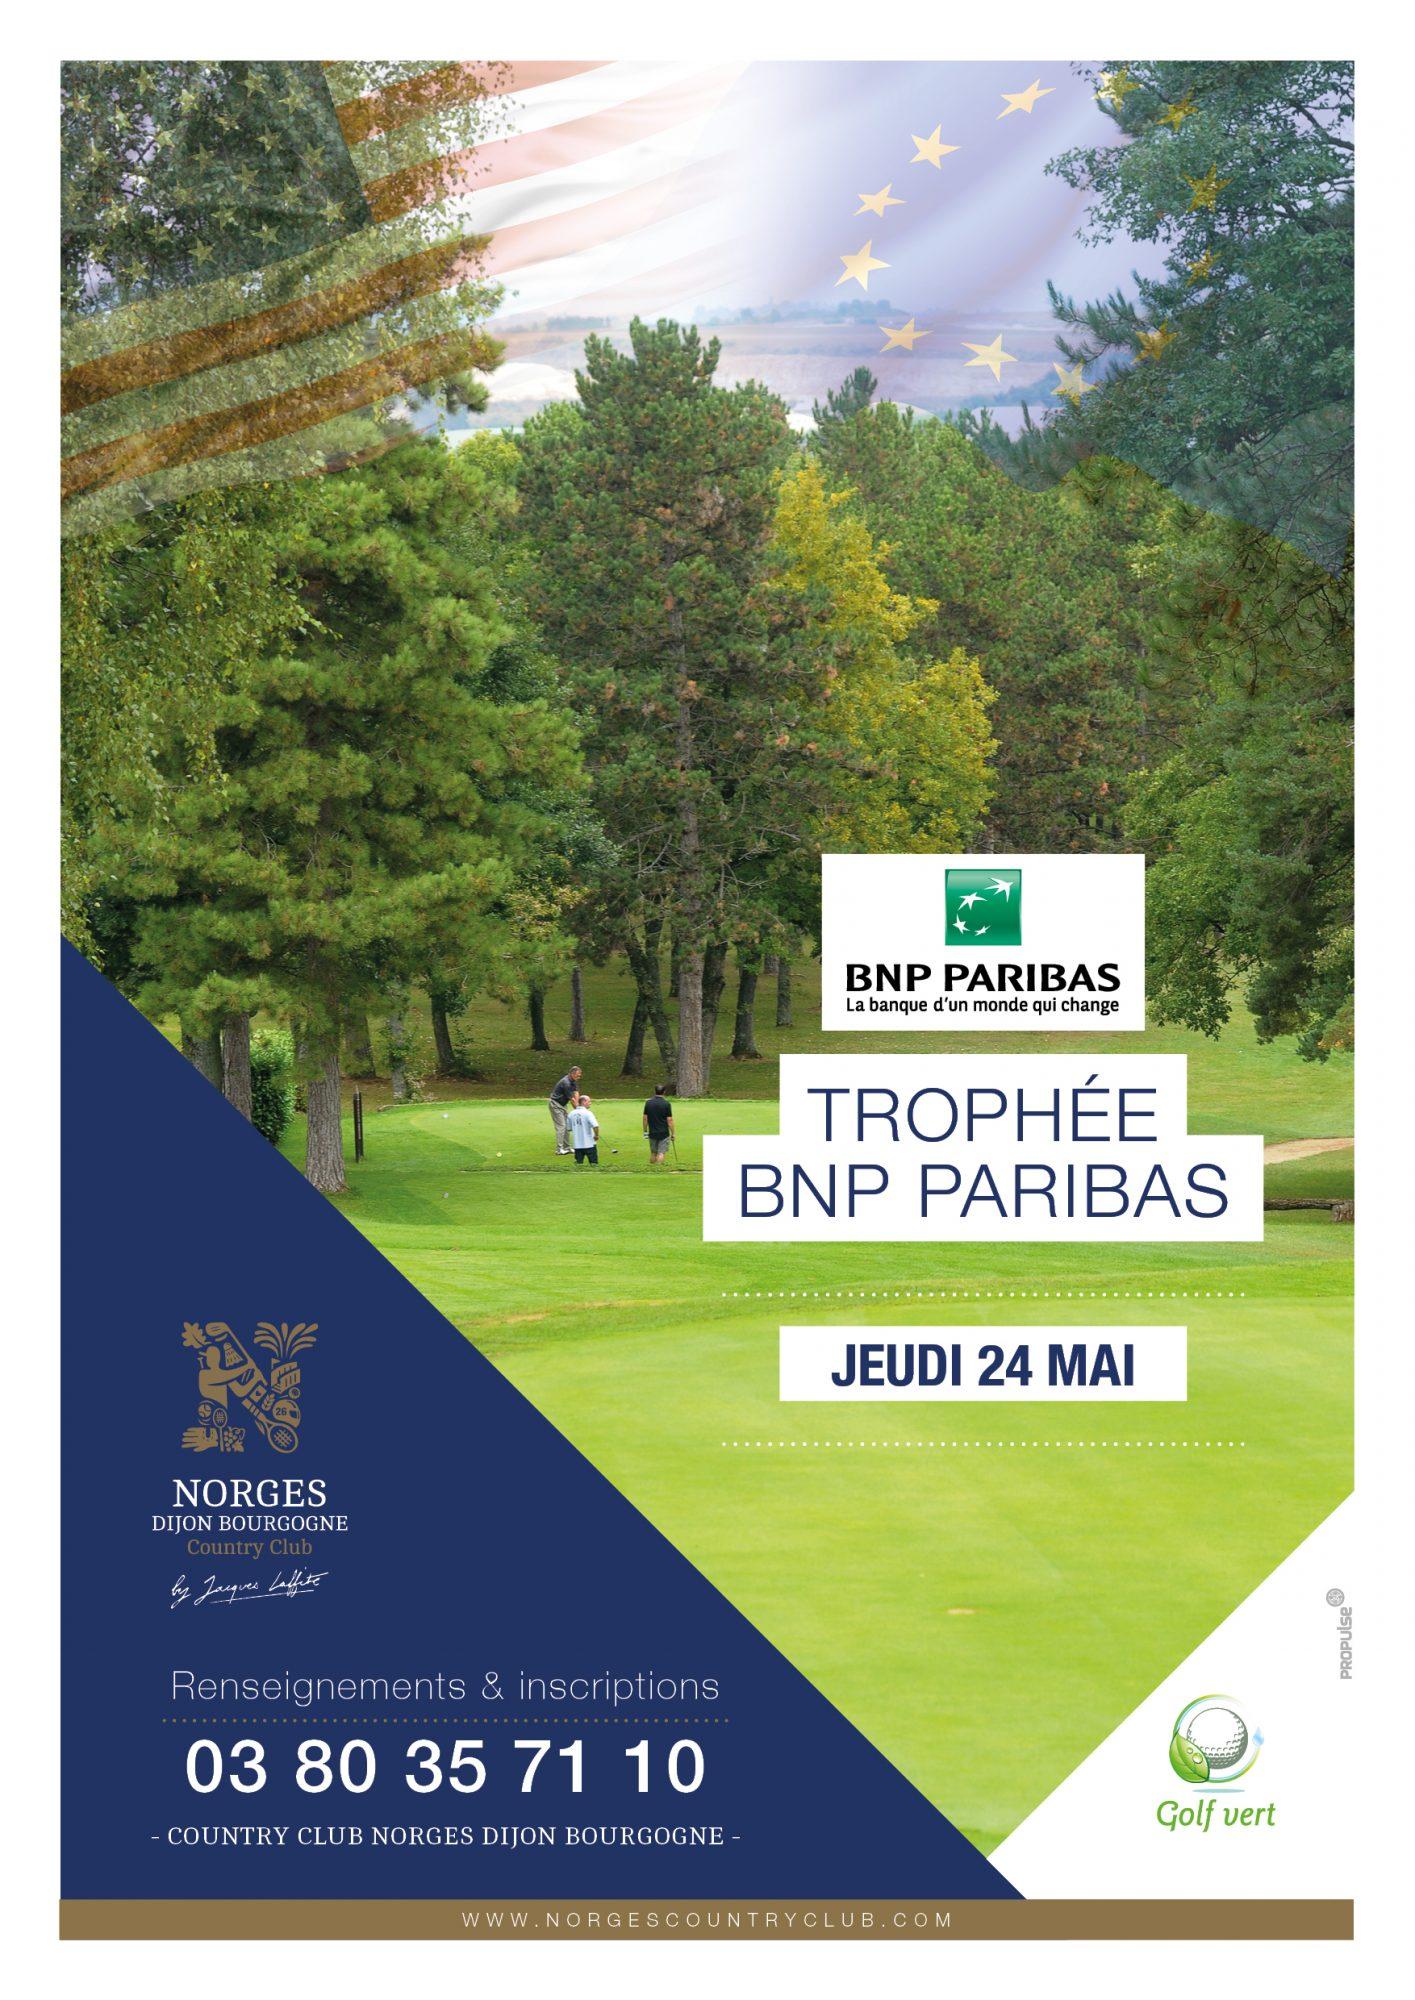 Trophée BNP Paribas